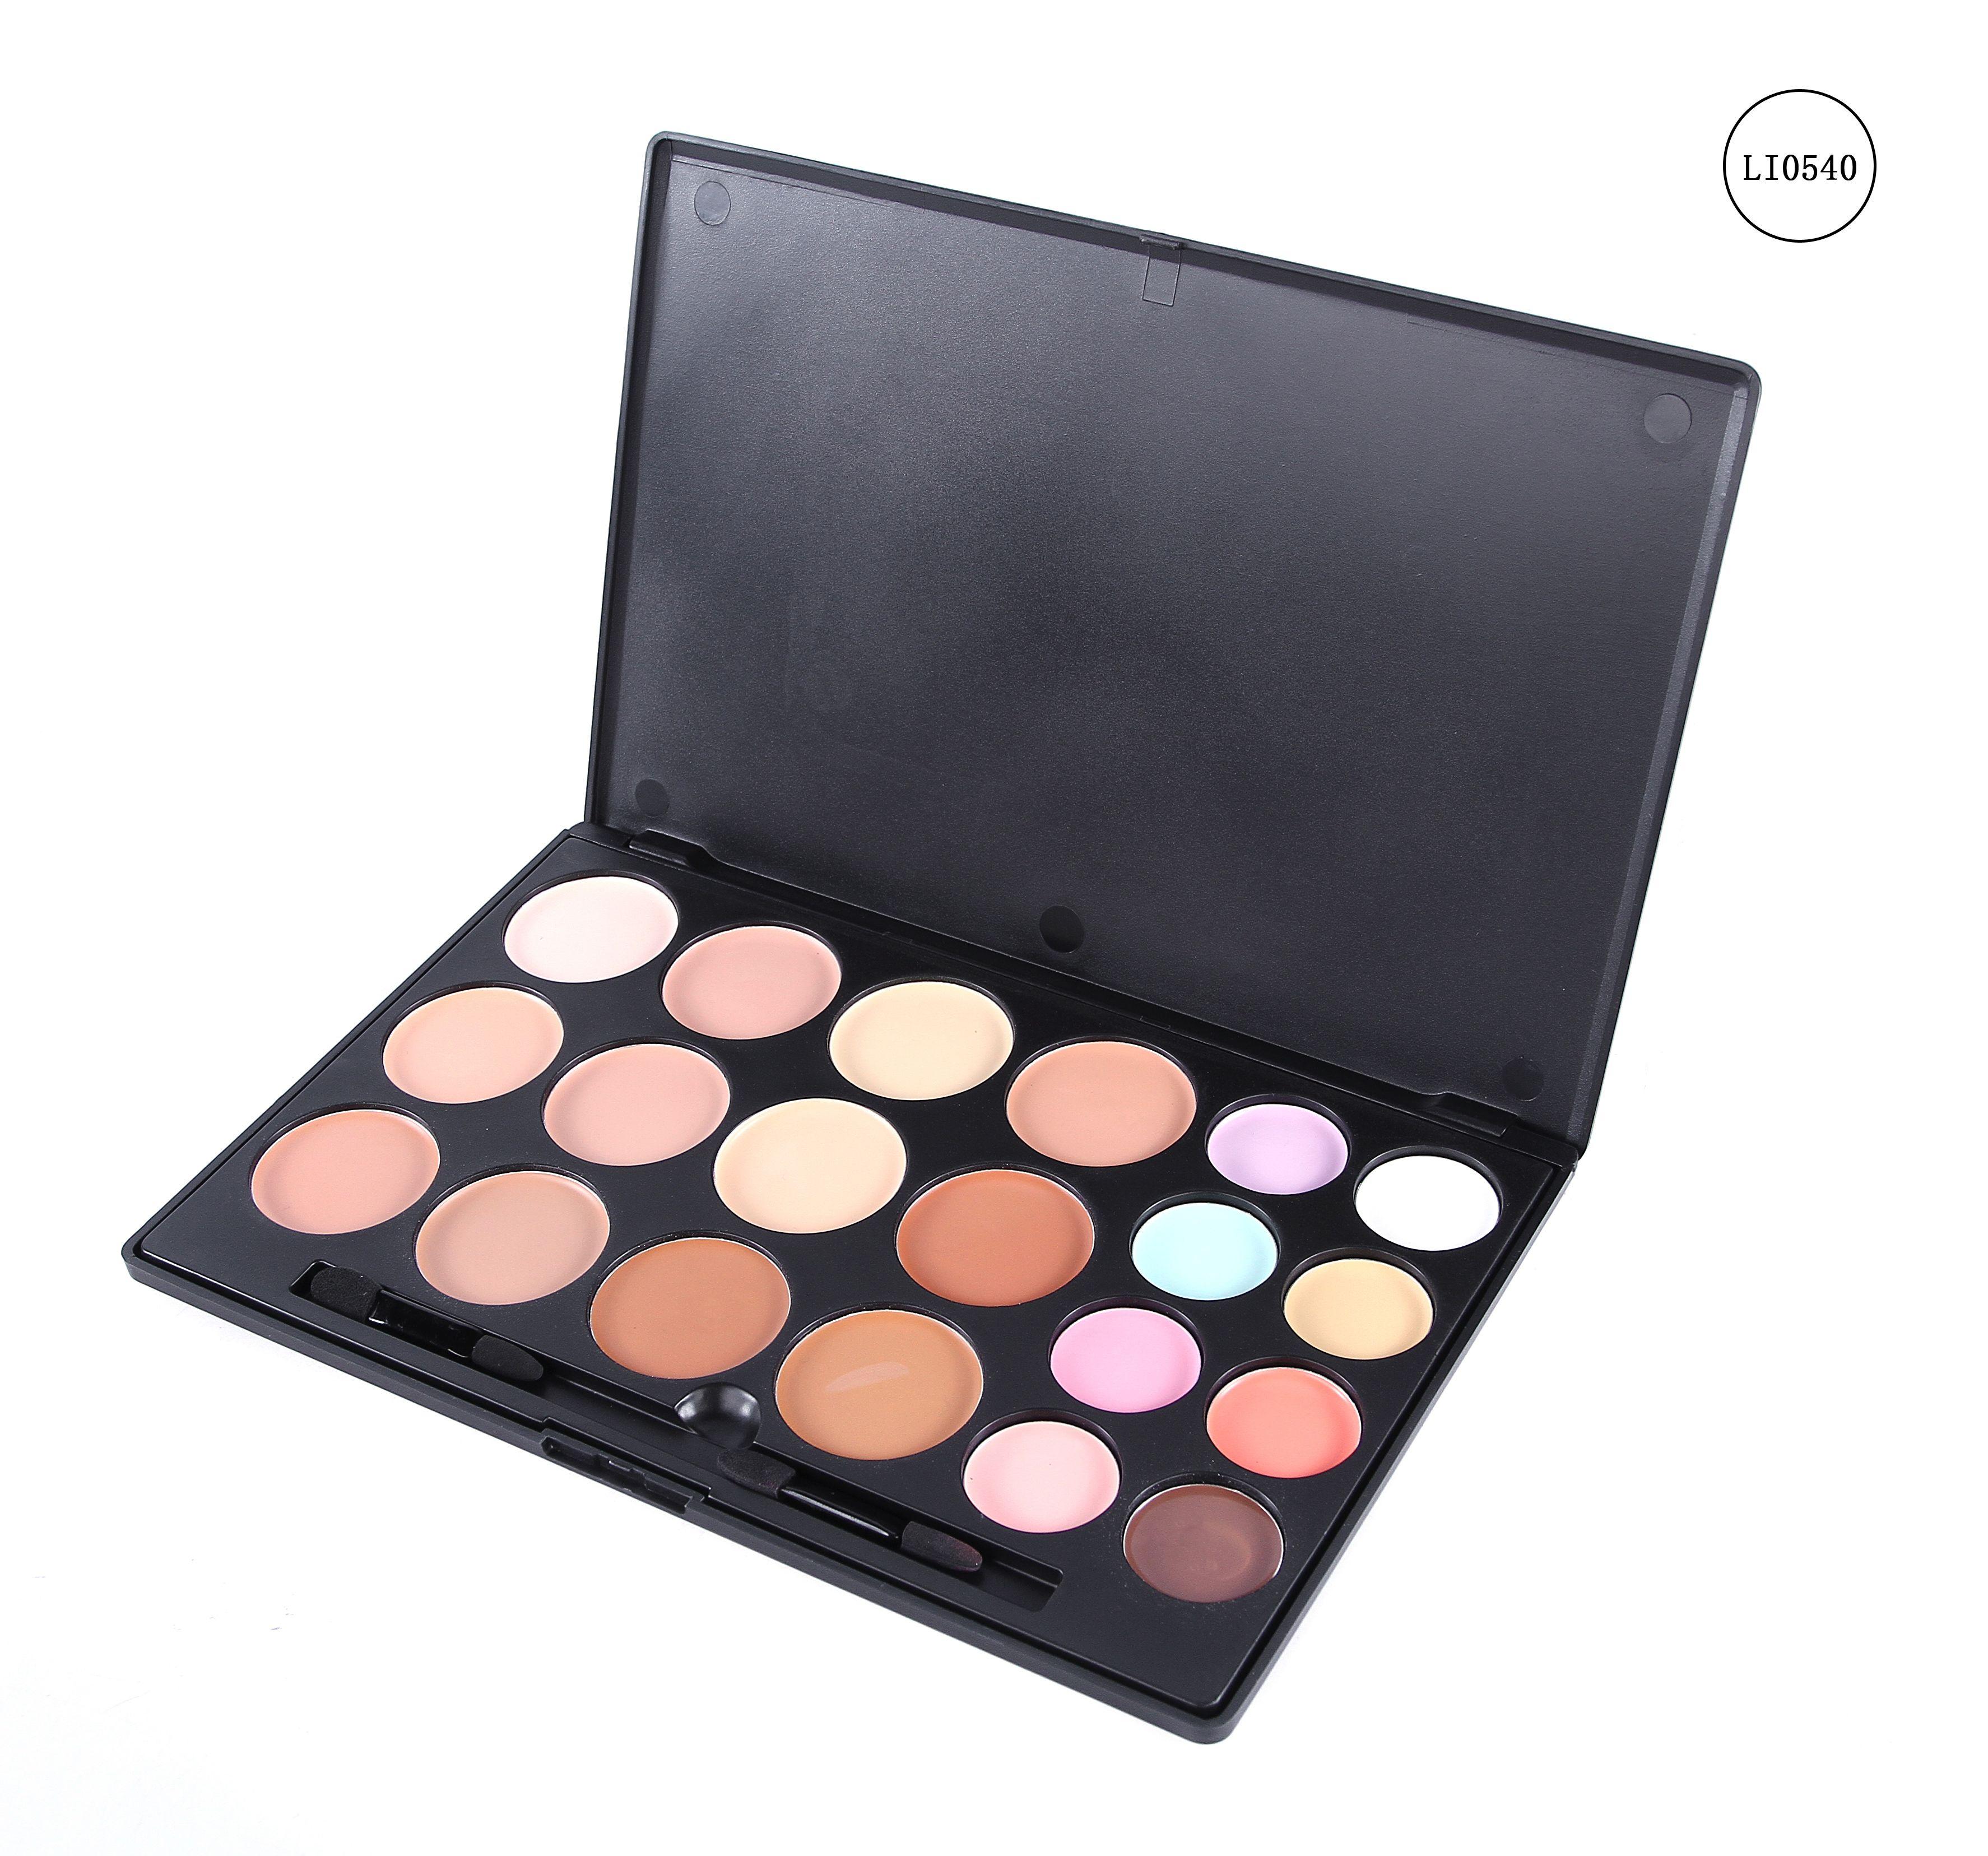 كنتور ليليان الكريمي 20 لون تظم الوان الاضاءة المستخدمة مع الكنتور ليليان Eyeshadow Beauty